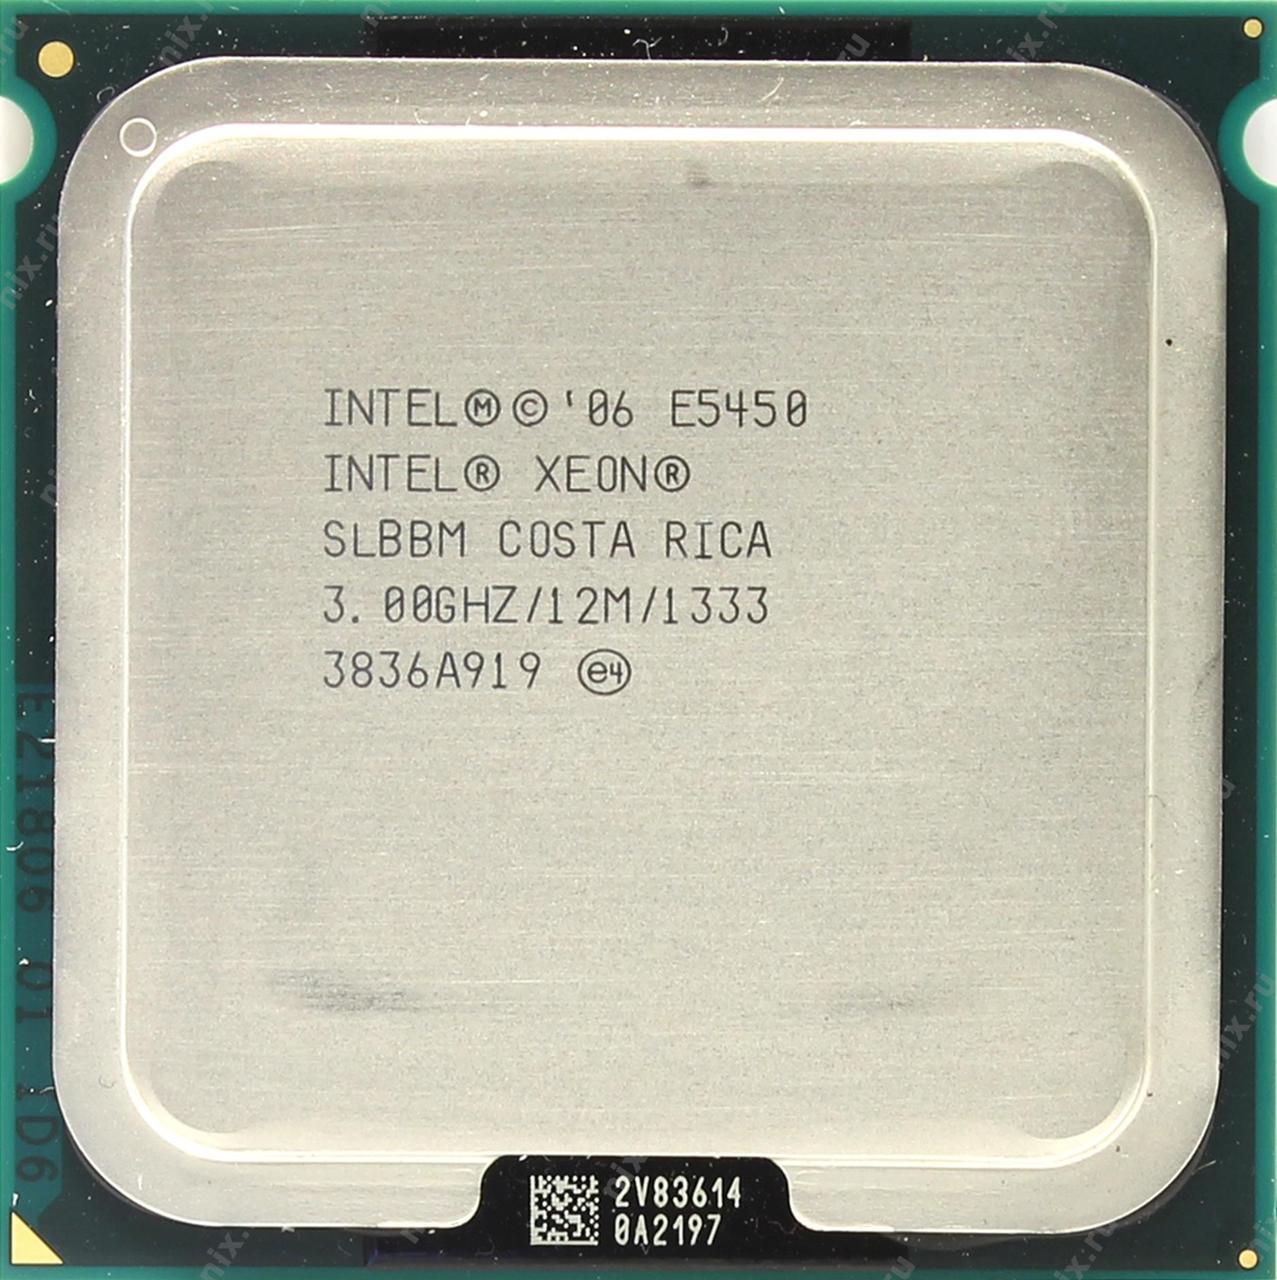 Процессор Intel Xeon E5450 (12 МБ кэш-памяти, тактовая частота 3,00 ГГц,  частота системной шины 1333 МГц): продажа, цена в Александрии  процессоры  от